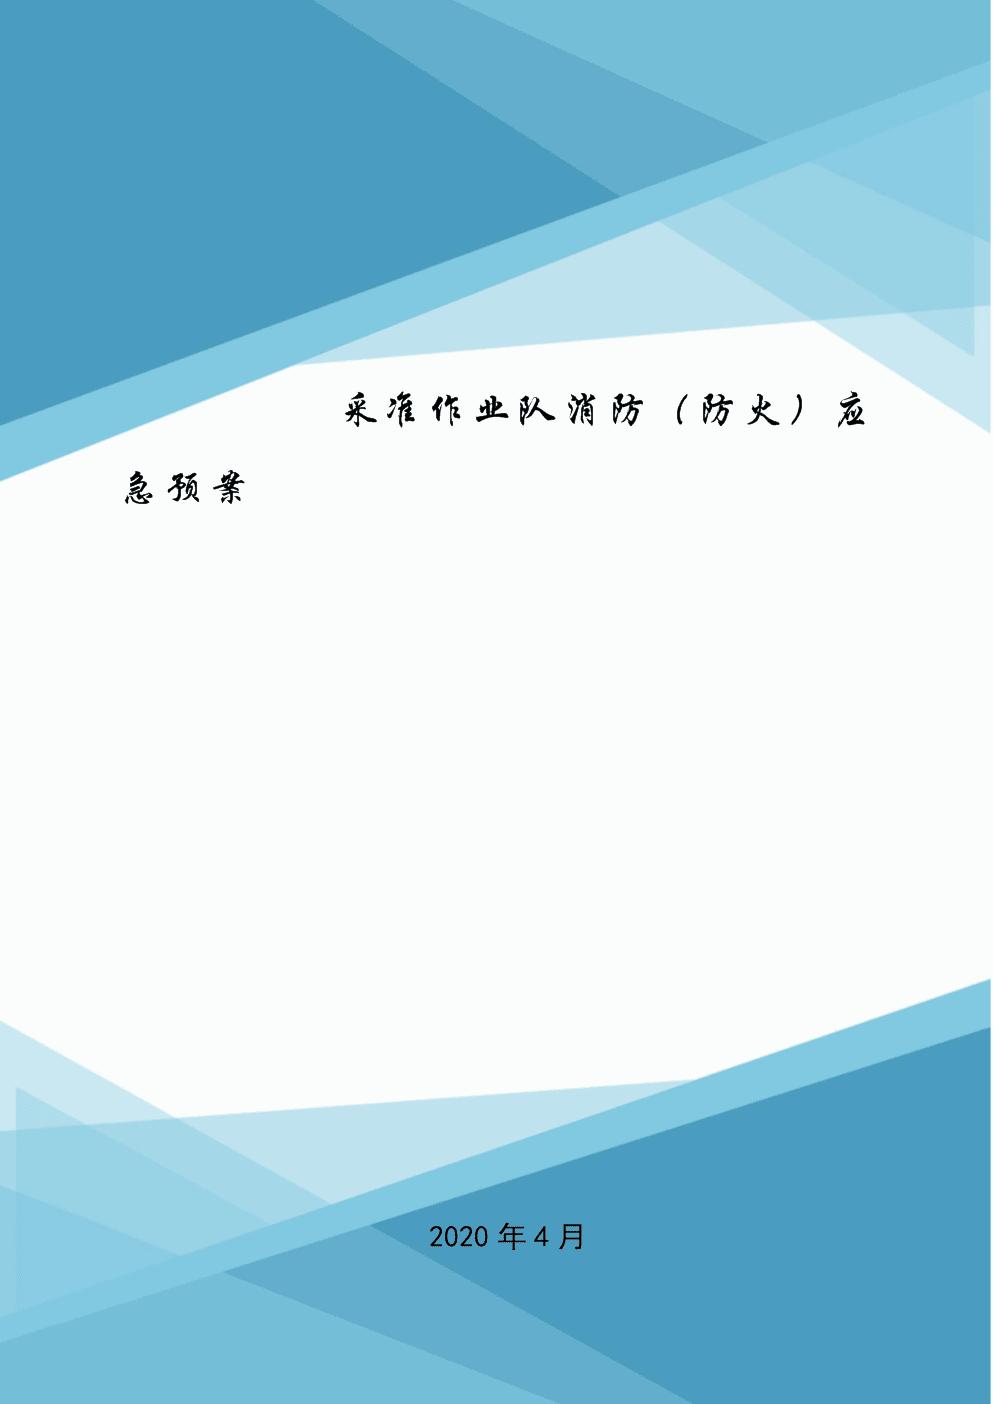 采准作业队消防(防火)应急预案.doc